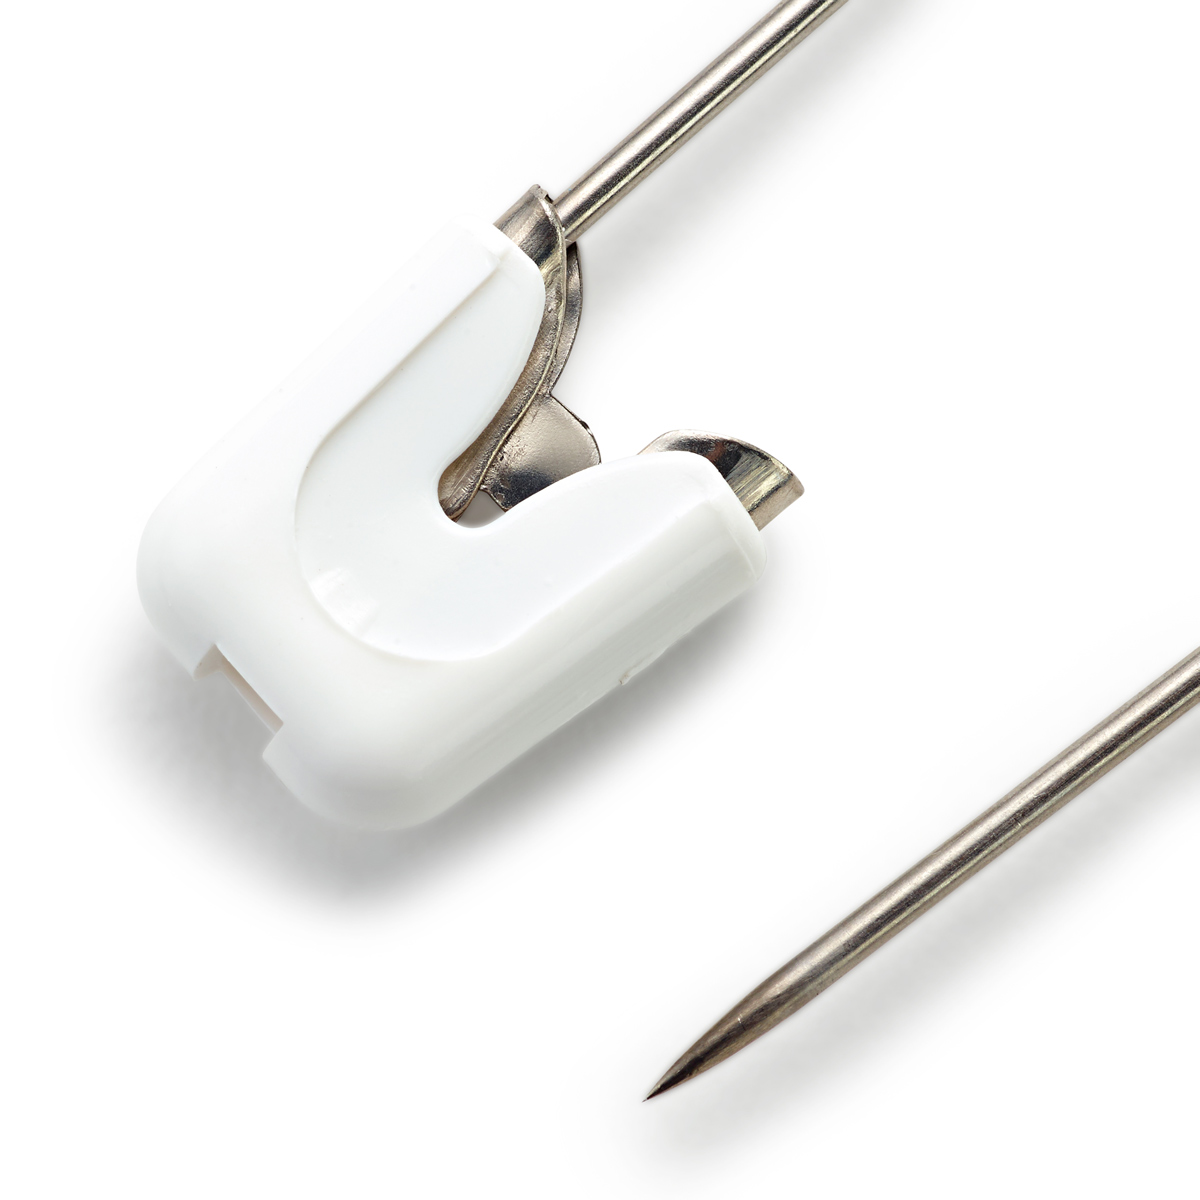 086103 Детские безопасные булавки (сталь) белый цв. 55 мм Prym